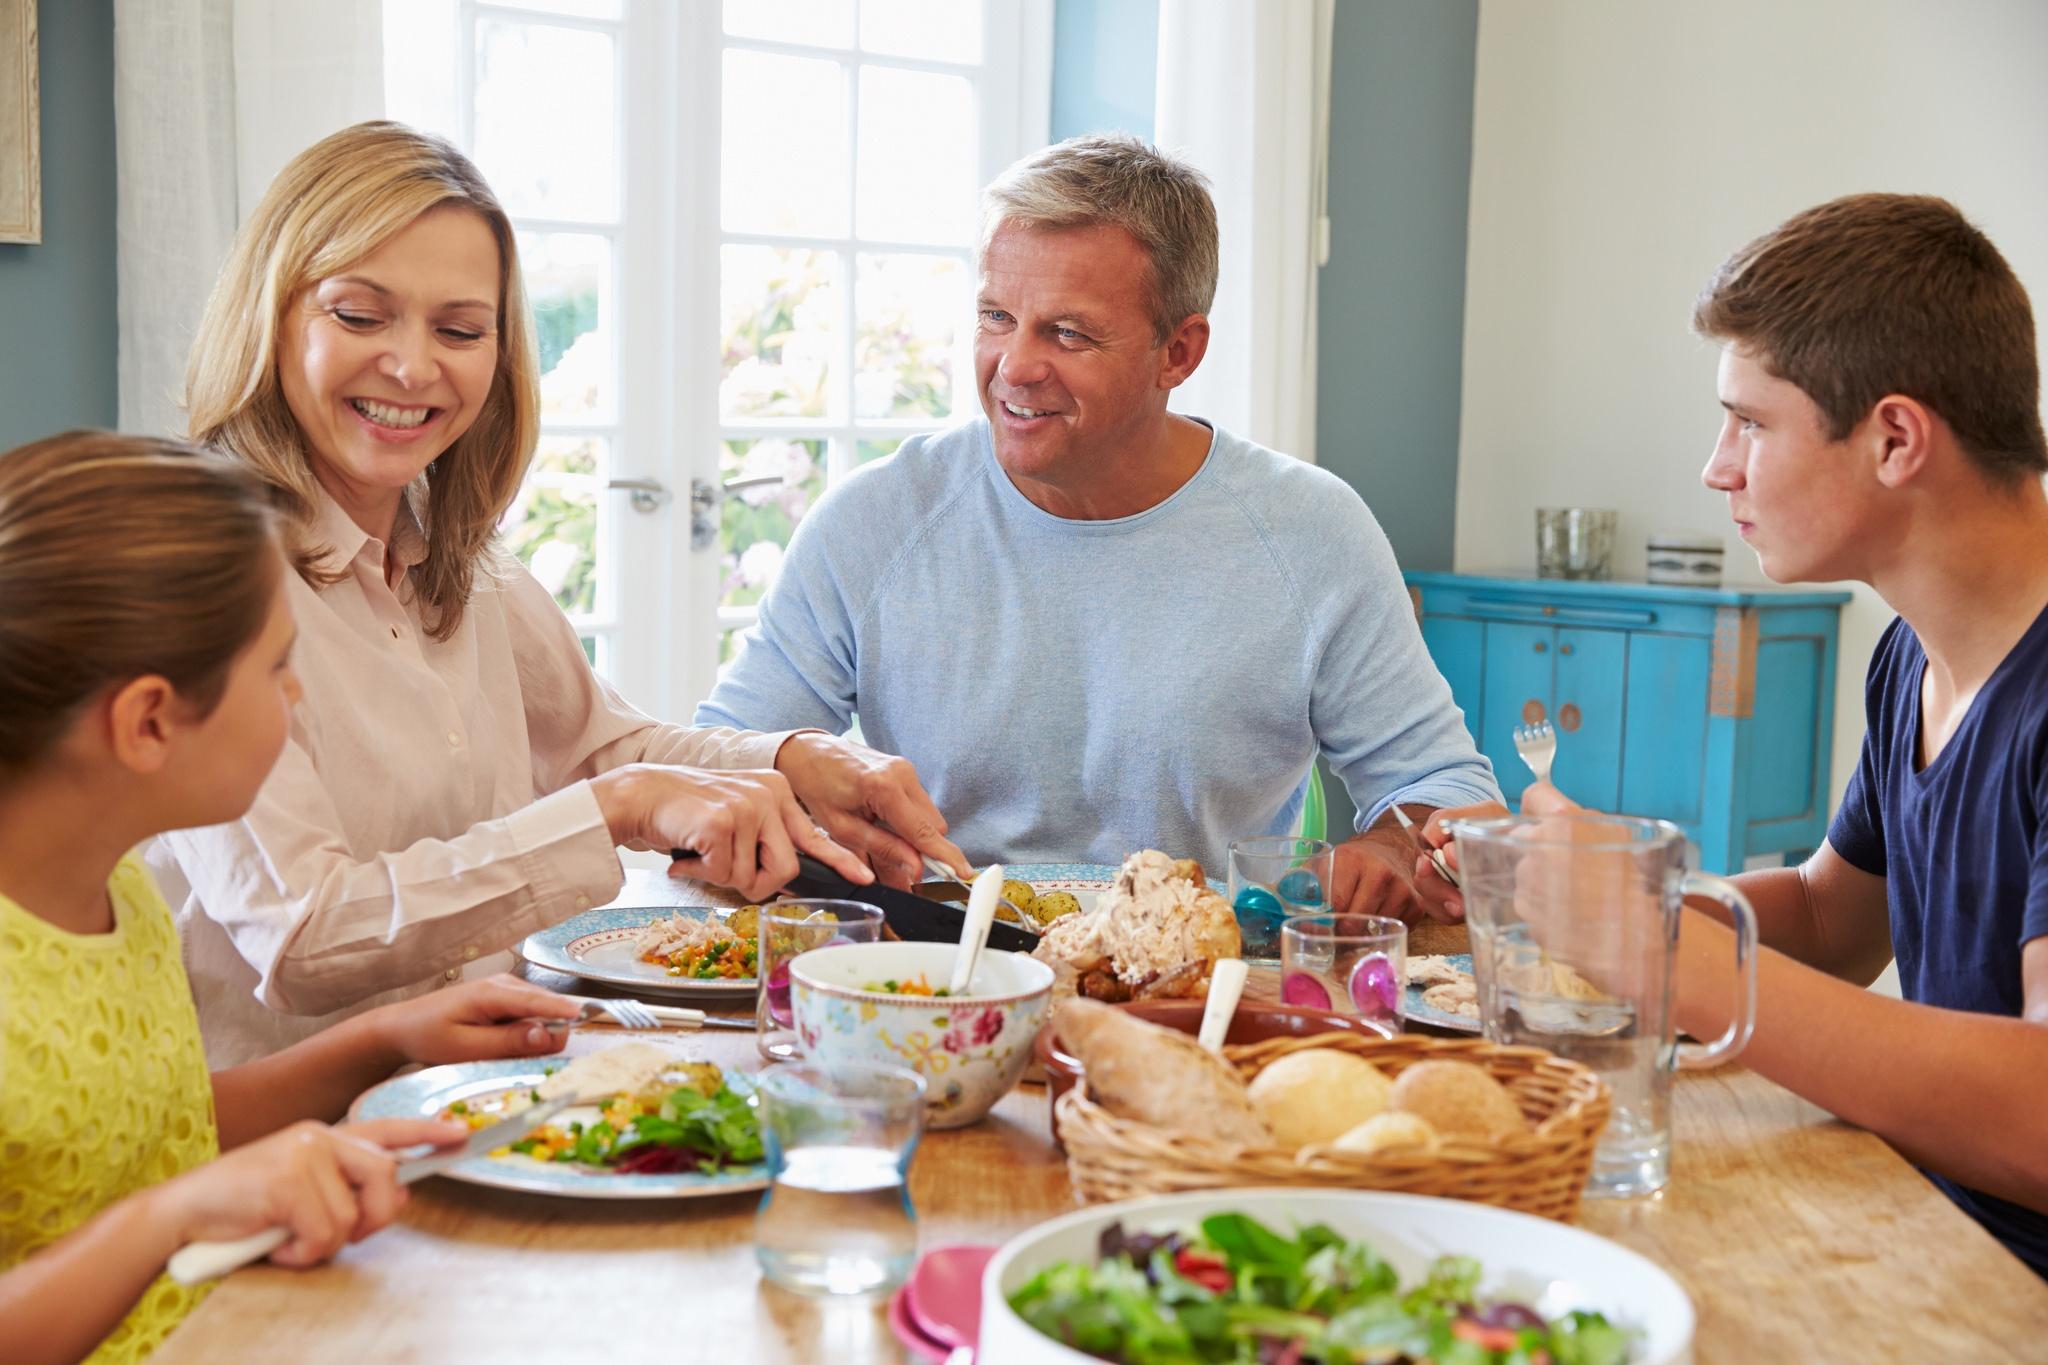 Gastfamilie – ein zweites Zuhause